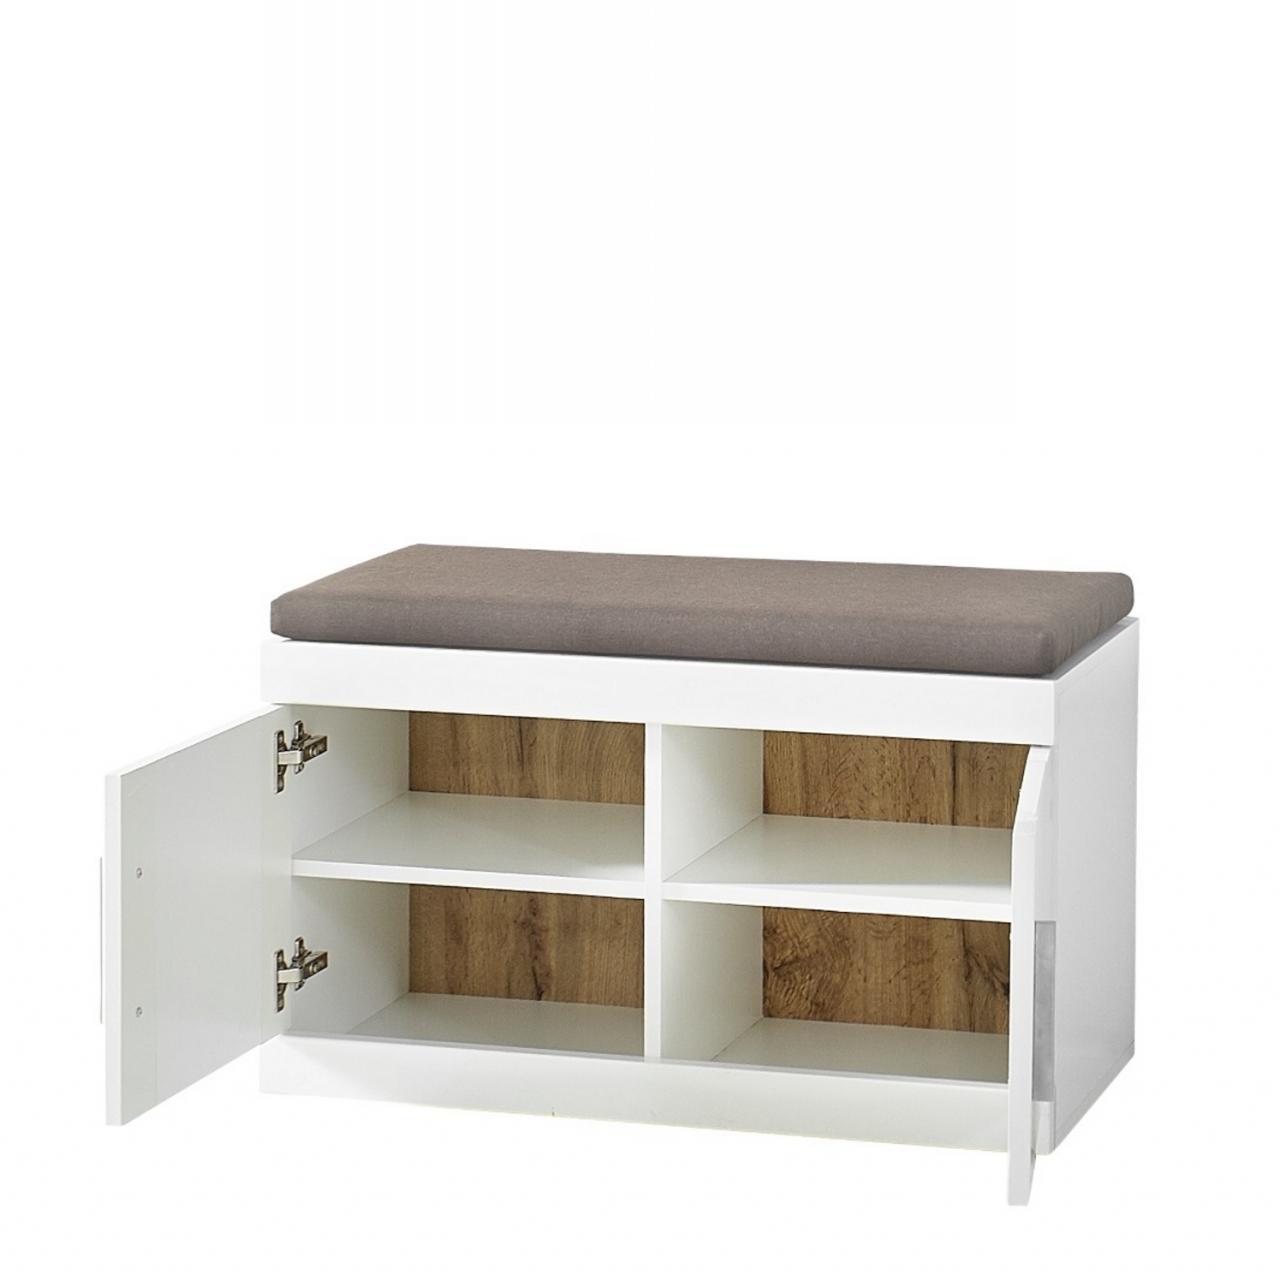 garderobenbank juno wei 2 t ren 80 cm breit m bel. Black Bedroom Furniture Sets. Home Design Ideas